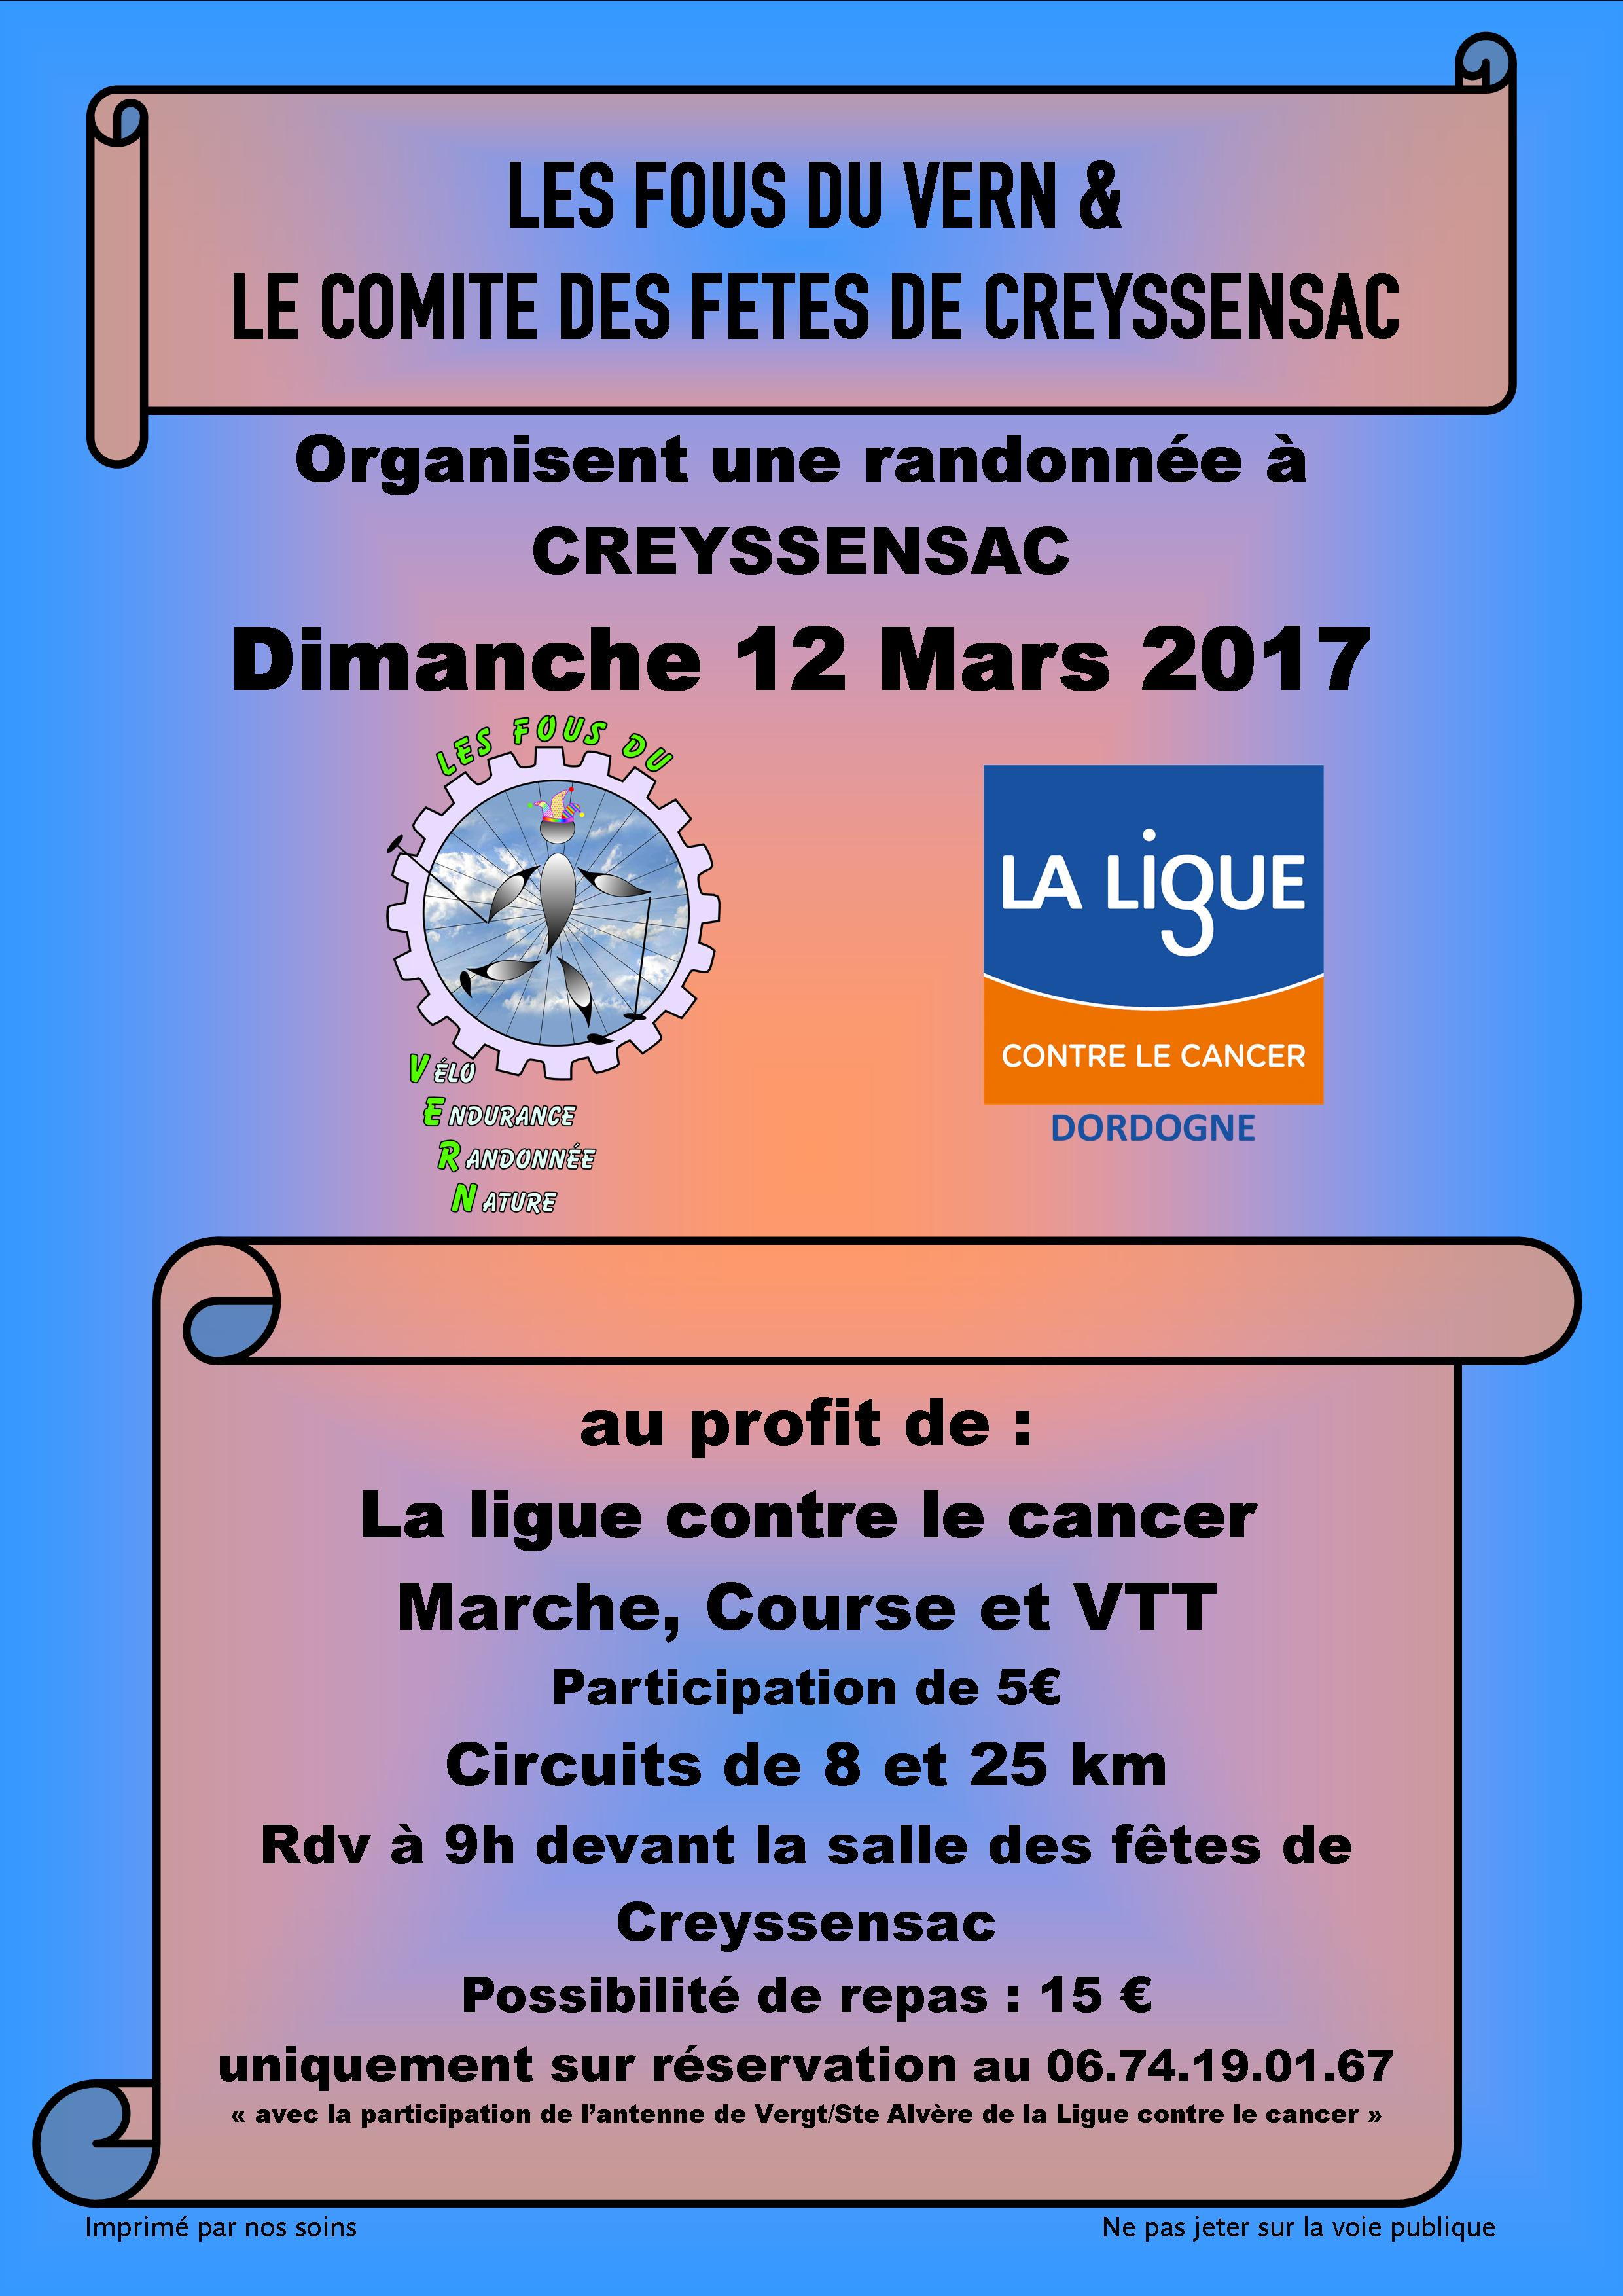 Marche du 12 Mars 2017 Ligue Creyssensac Couleur.jpg